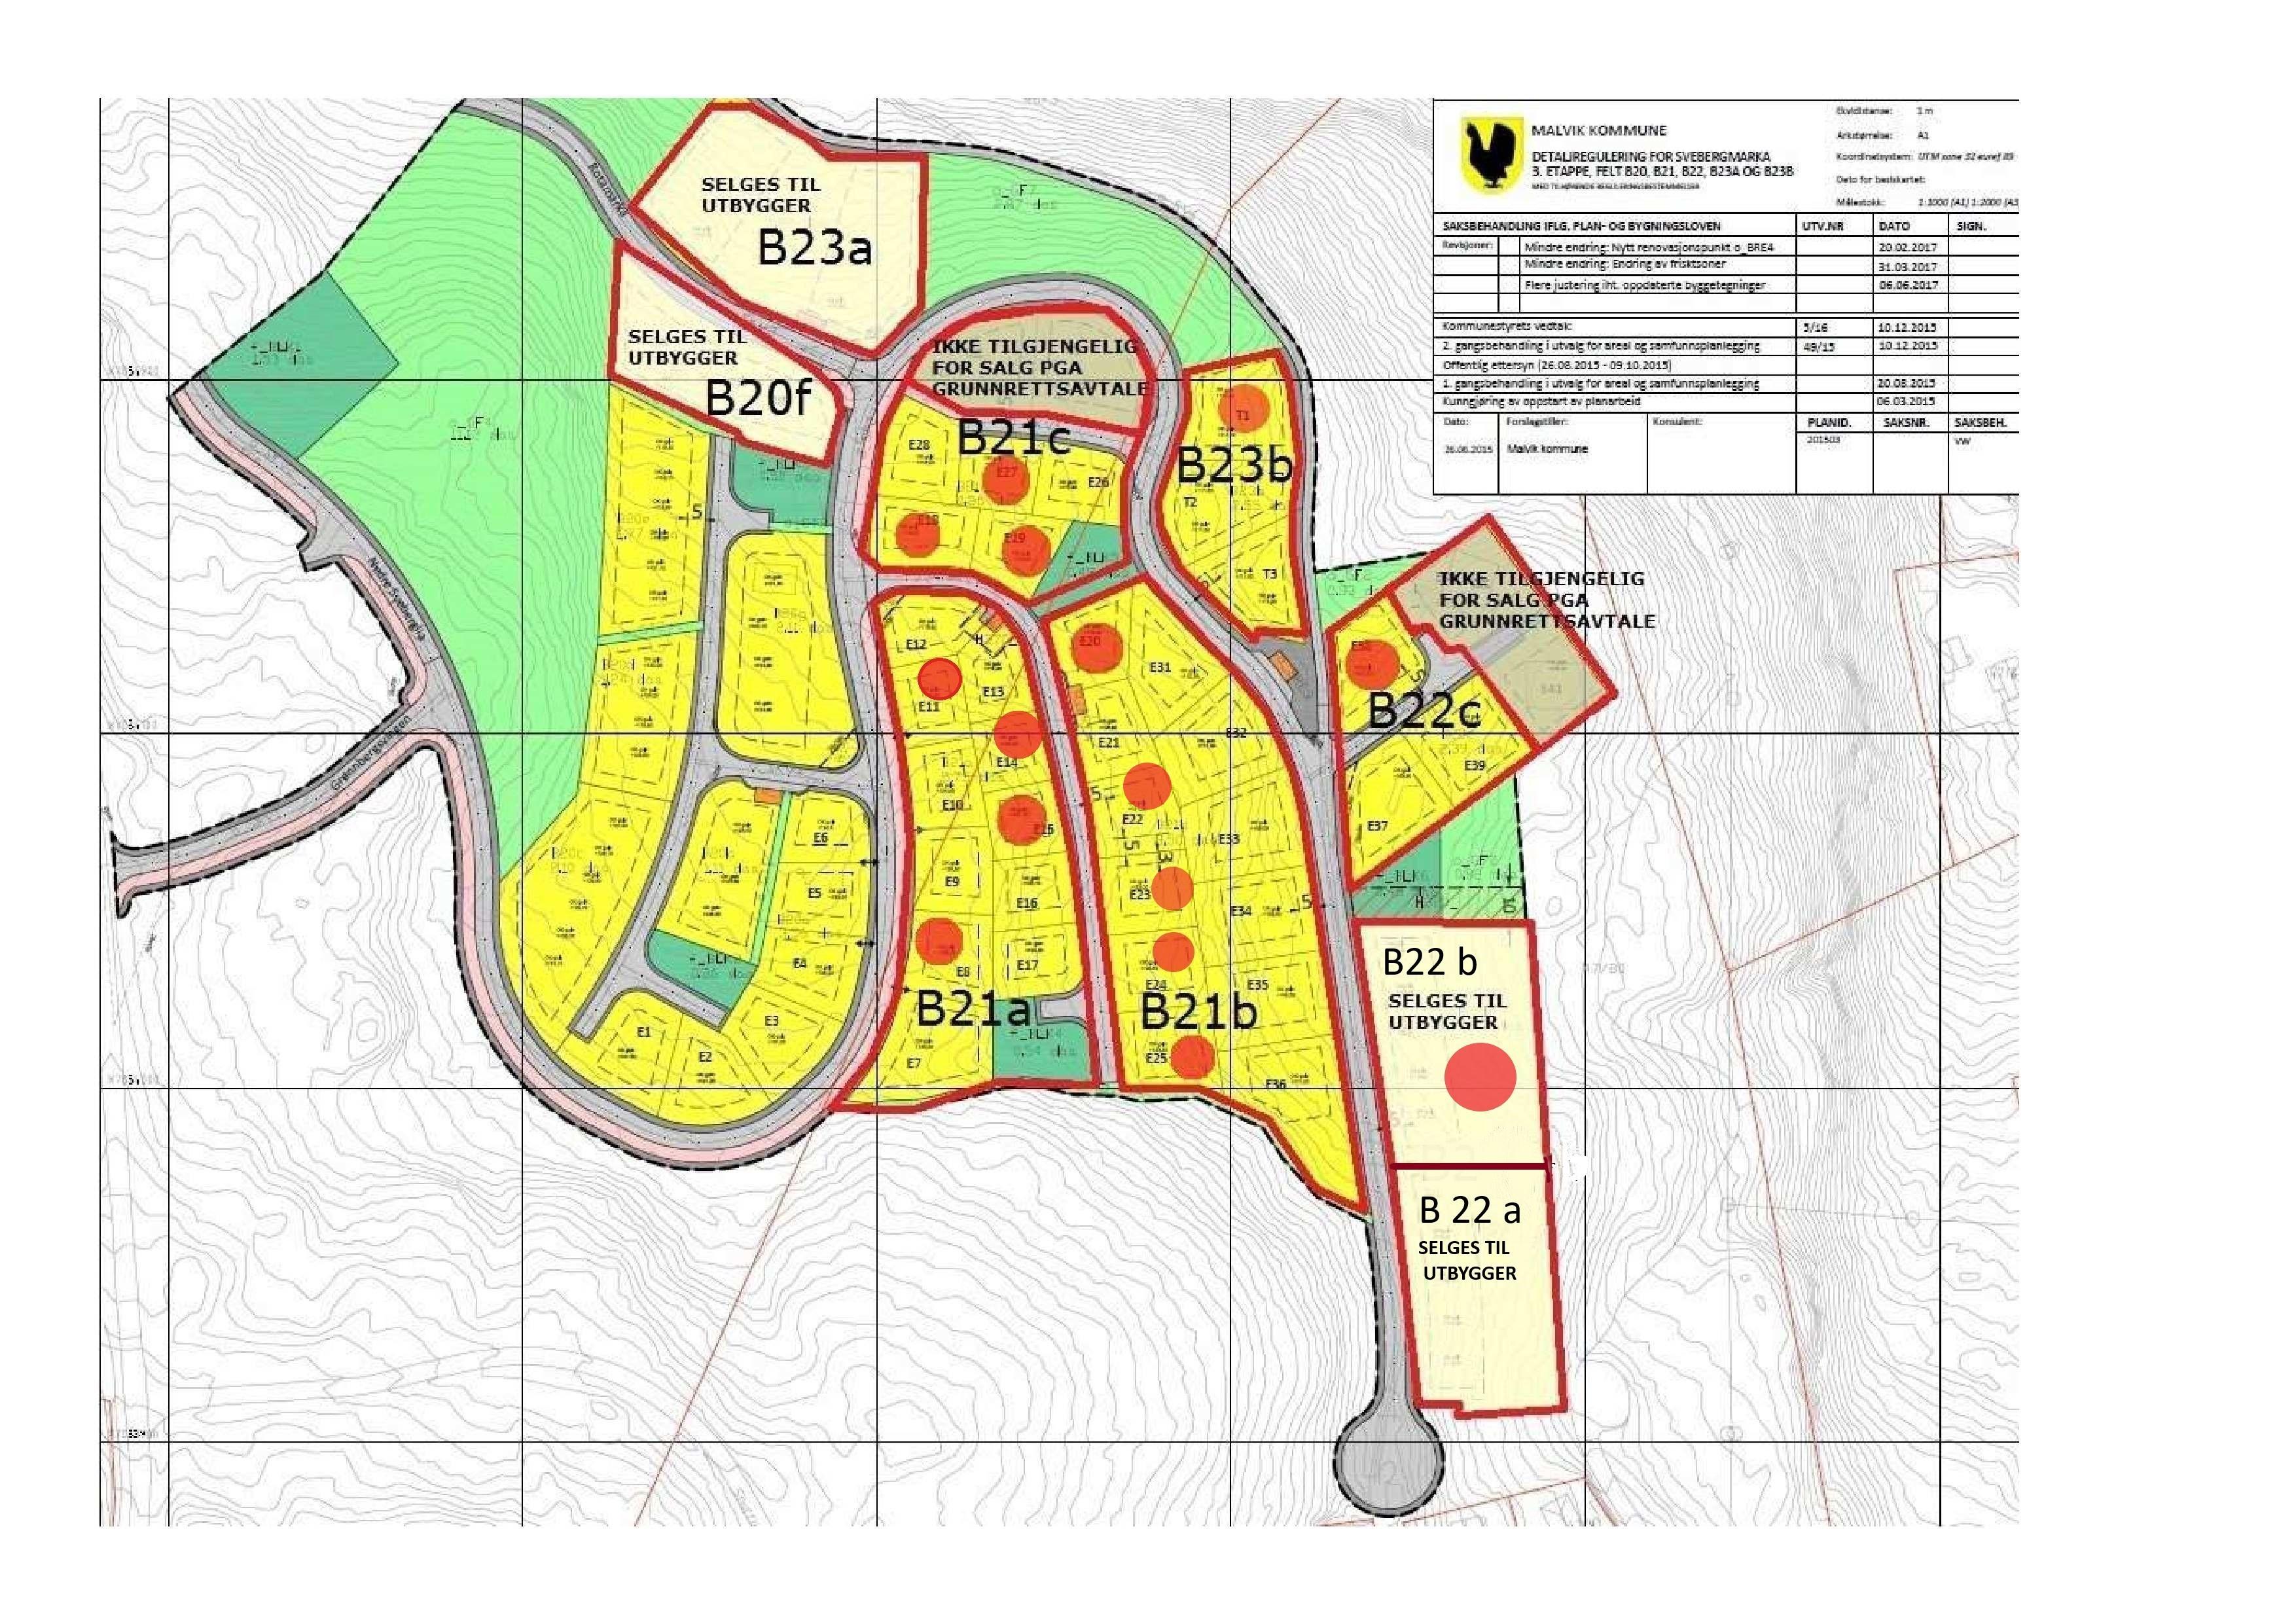 SKAL brukes Kart status tomtesalg Sveberg etappe 031019 (002).jpg